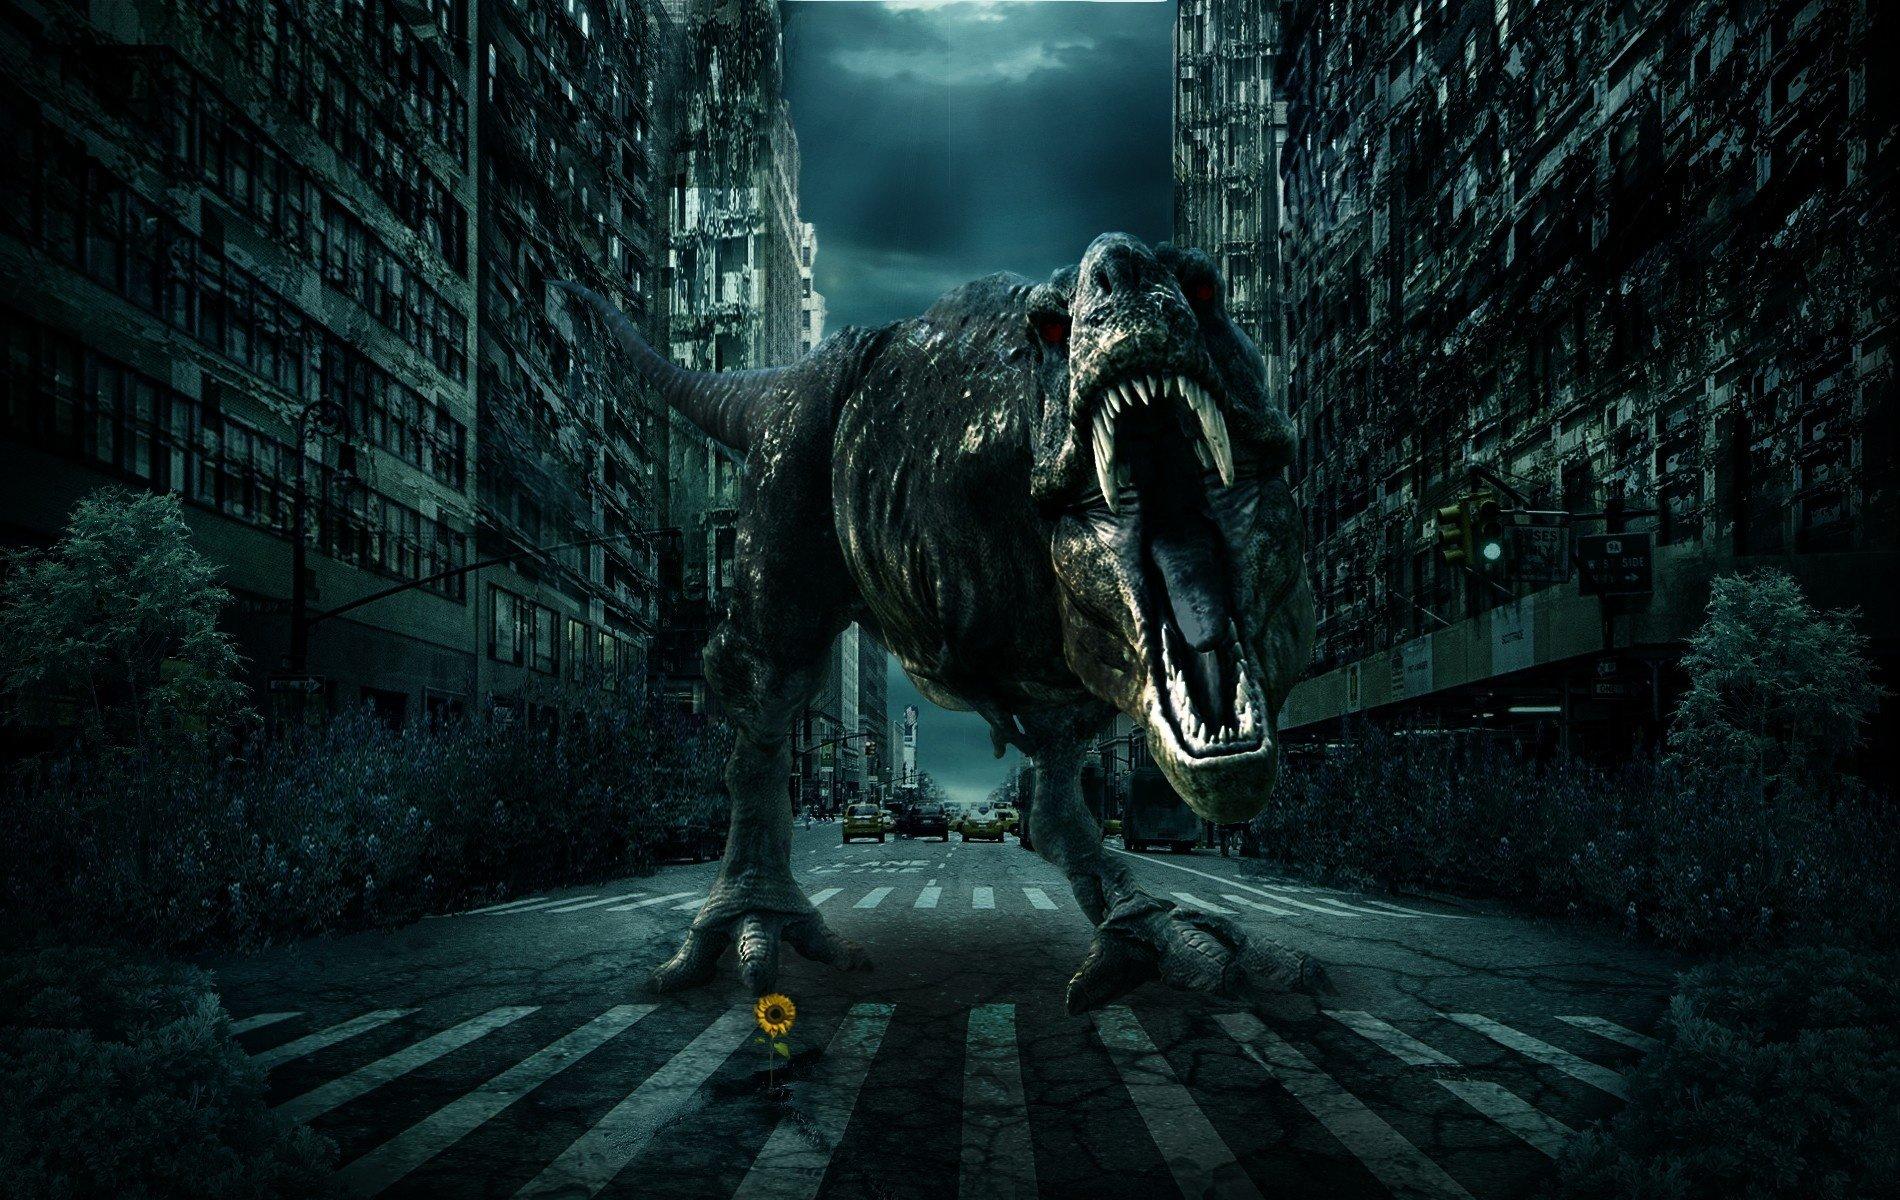 City road dinosaur 3d fantasy monster wallpaper 1900x1200 357906 1900x1200